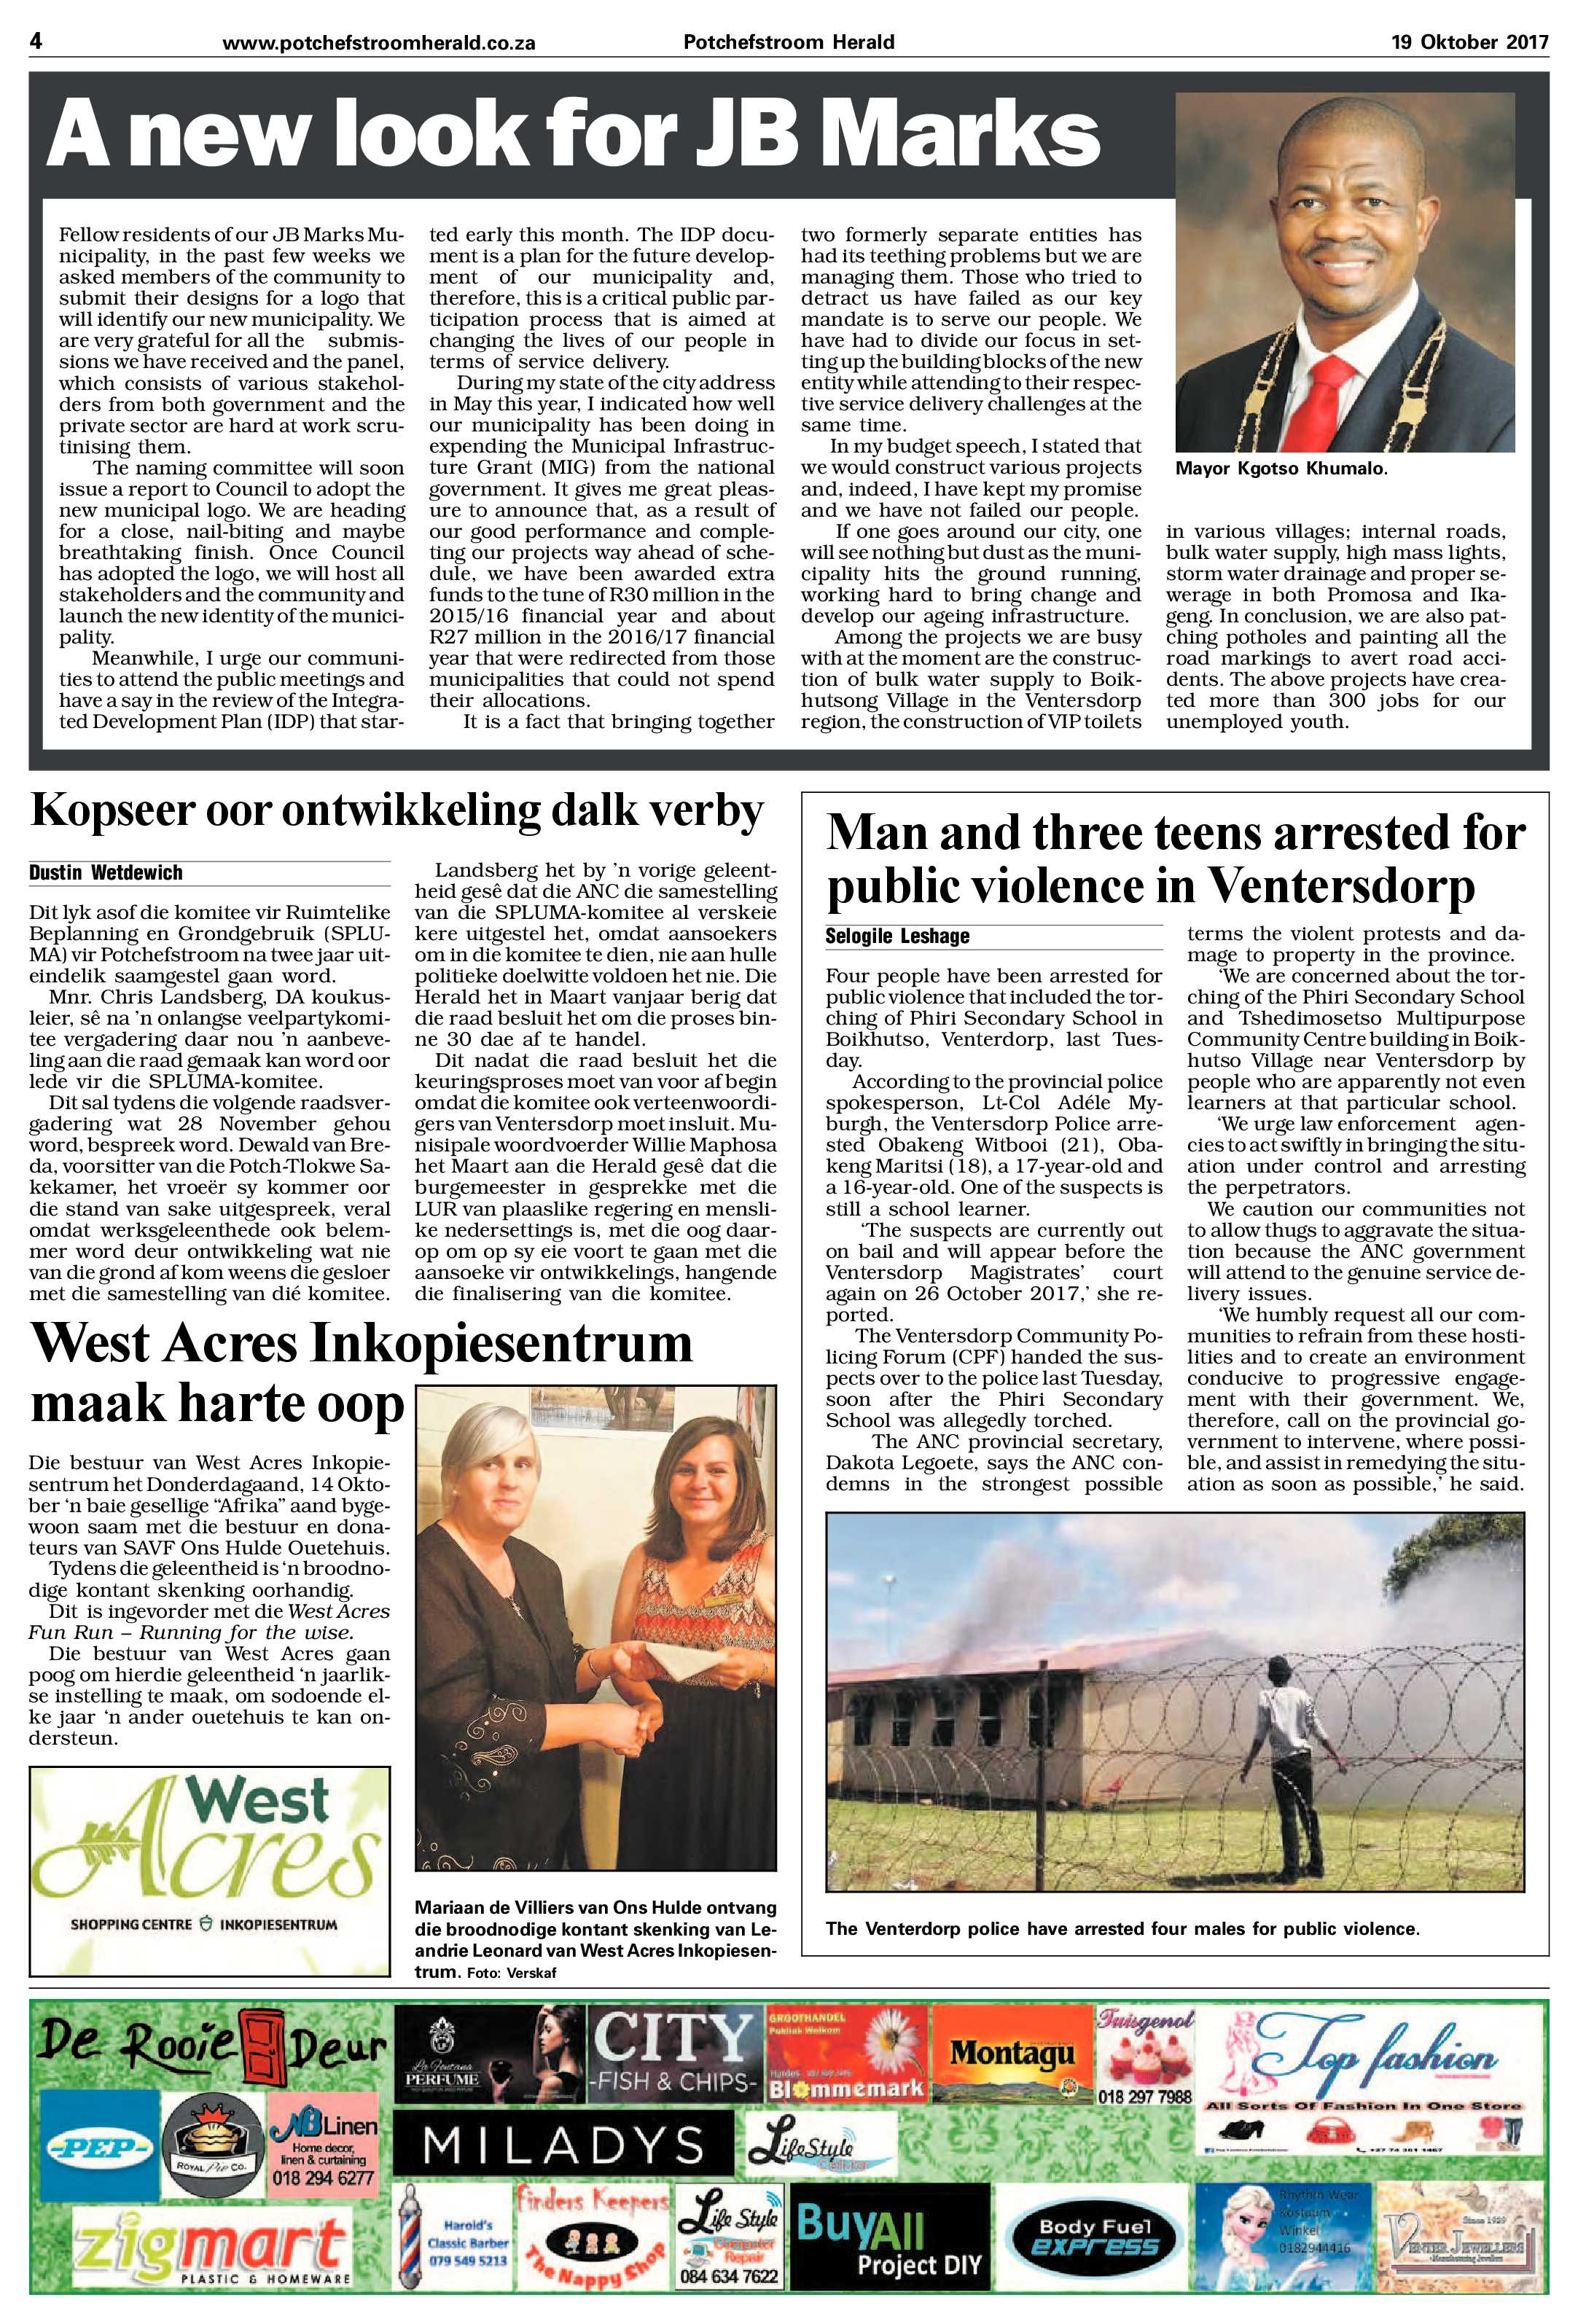 19-oktober-2017-epapers-page-4